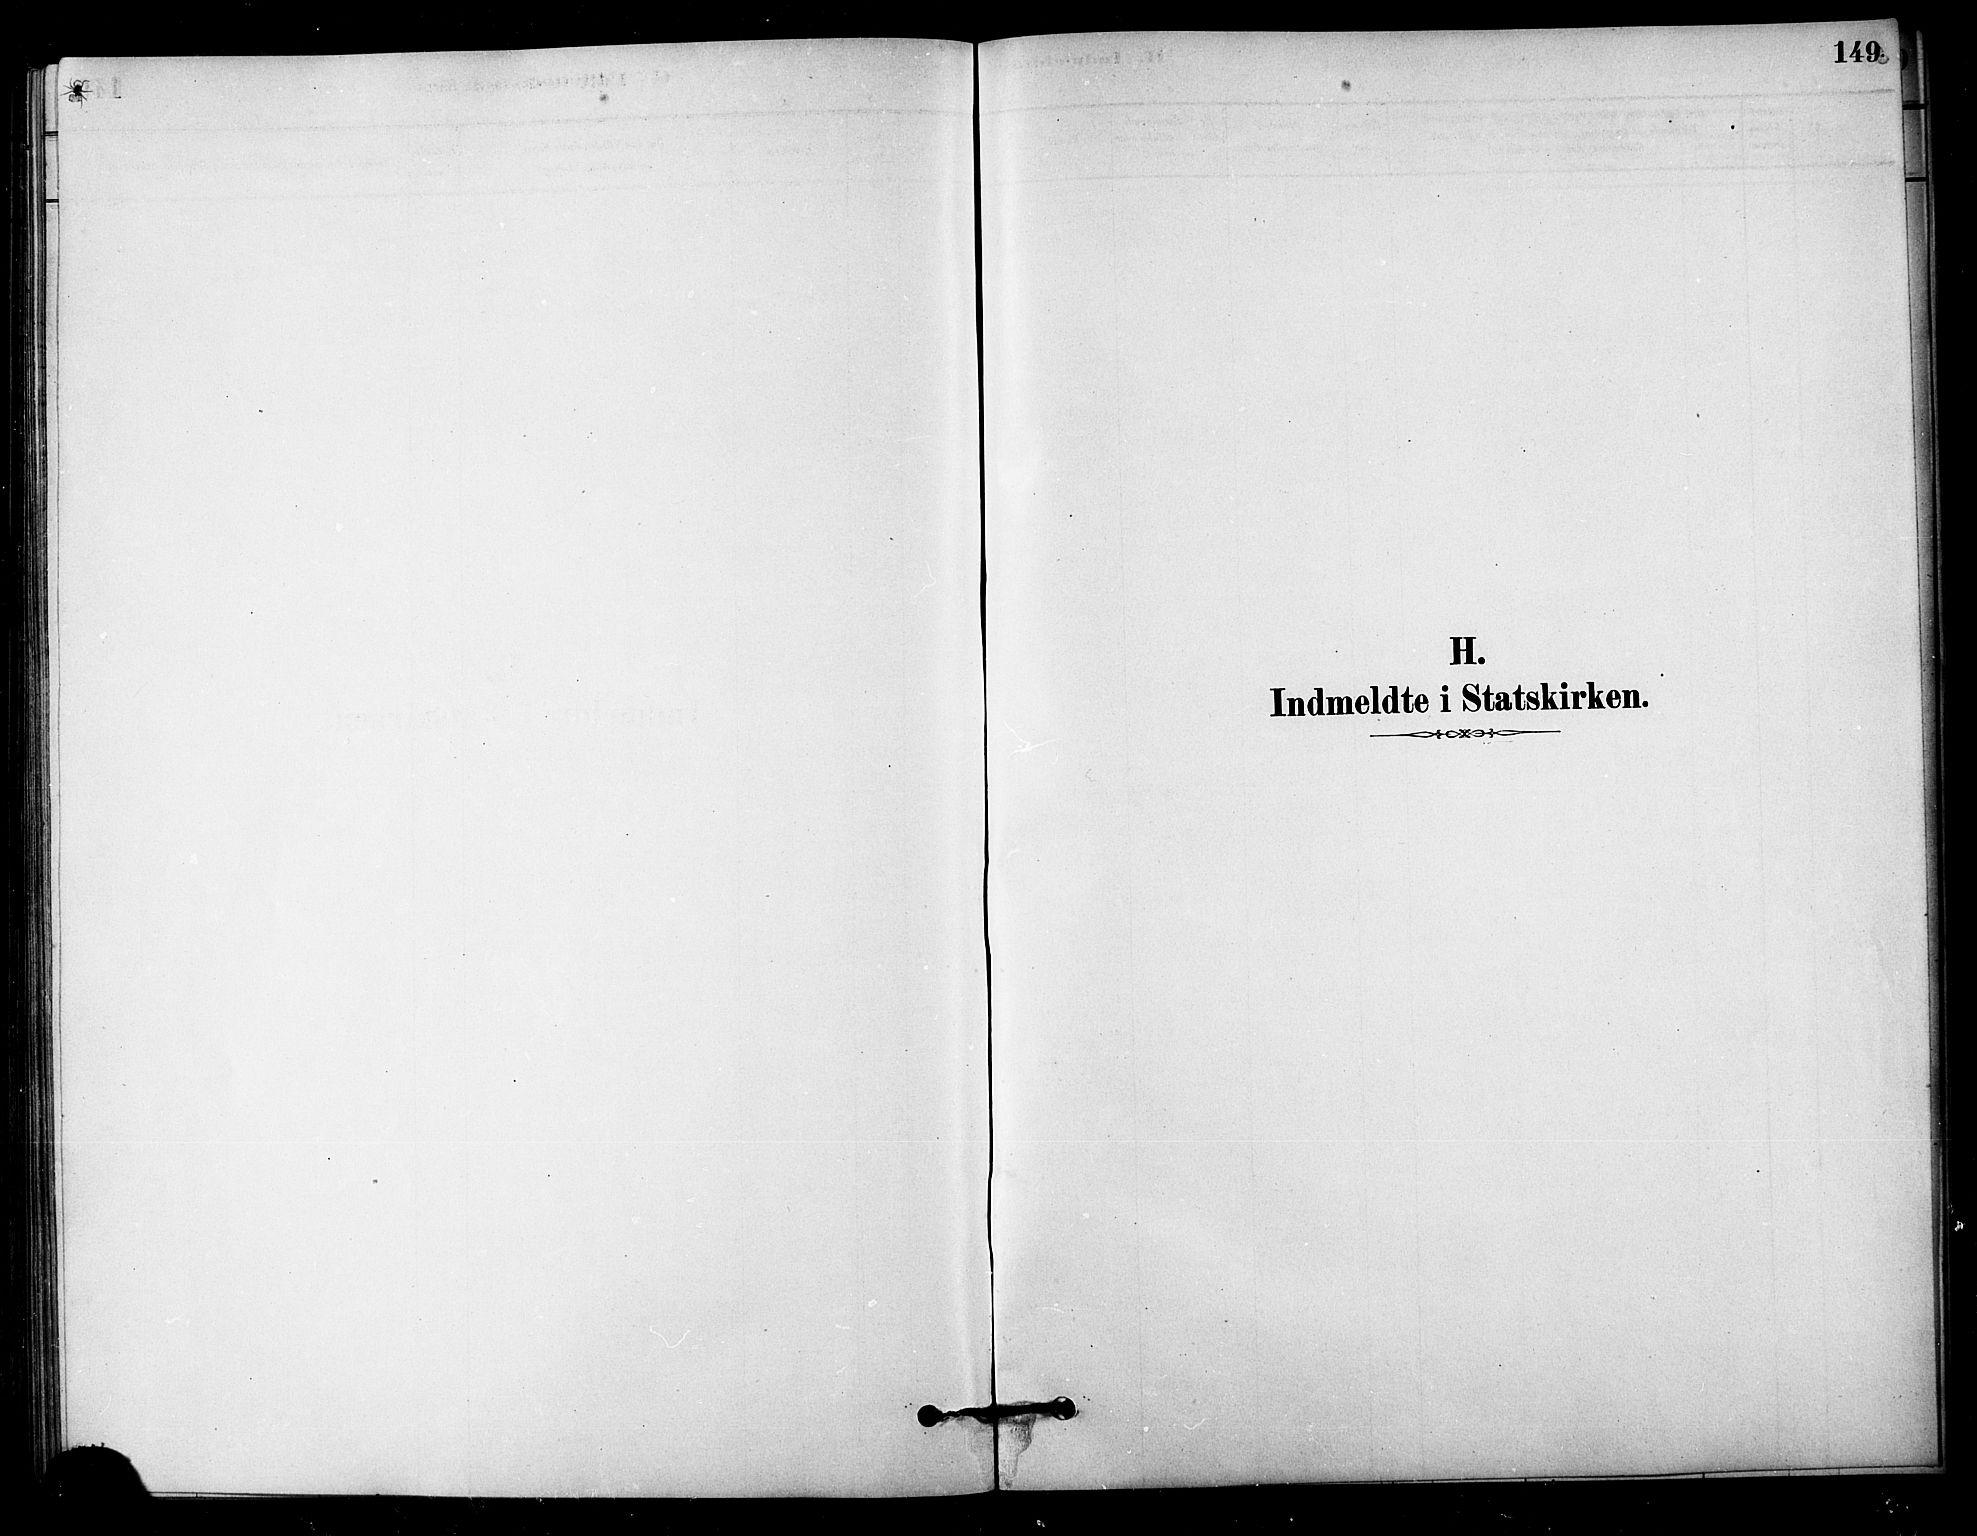 SAT, Ministerialprotokoller, klokkerbøker og fødselsregistre - Sør-Trøndelag, 656/L0692: Ministerialbok nr. 656A01, 1879-1893, s. 149